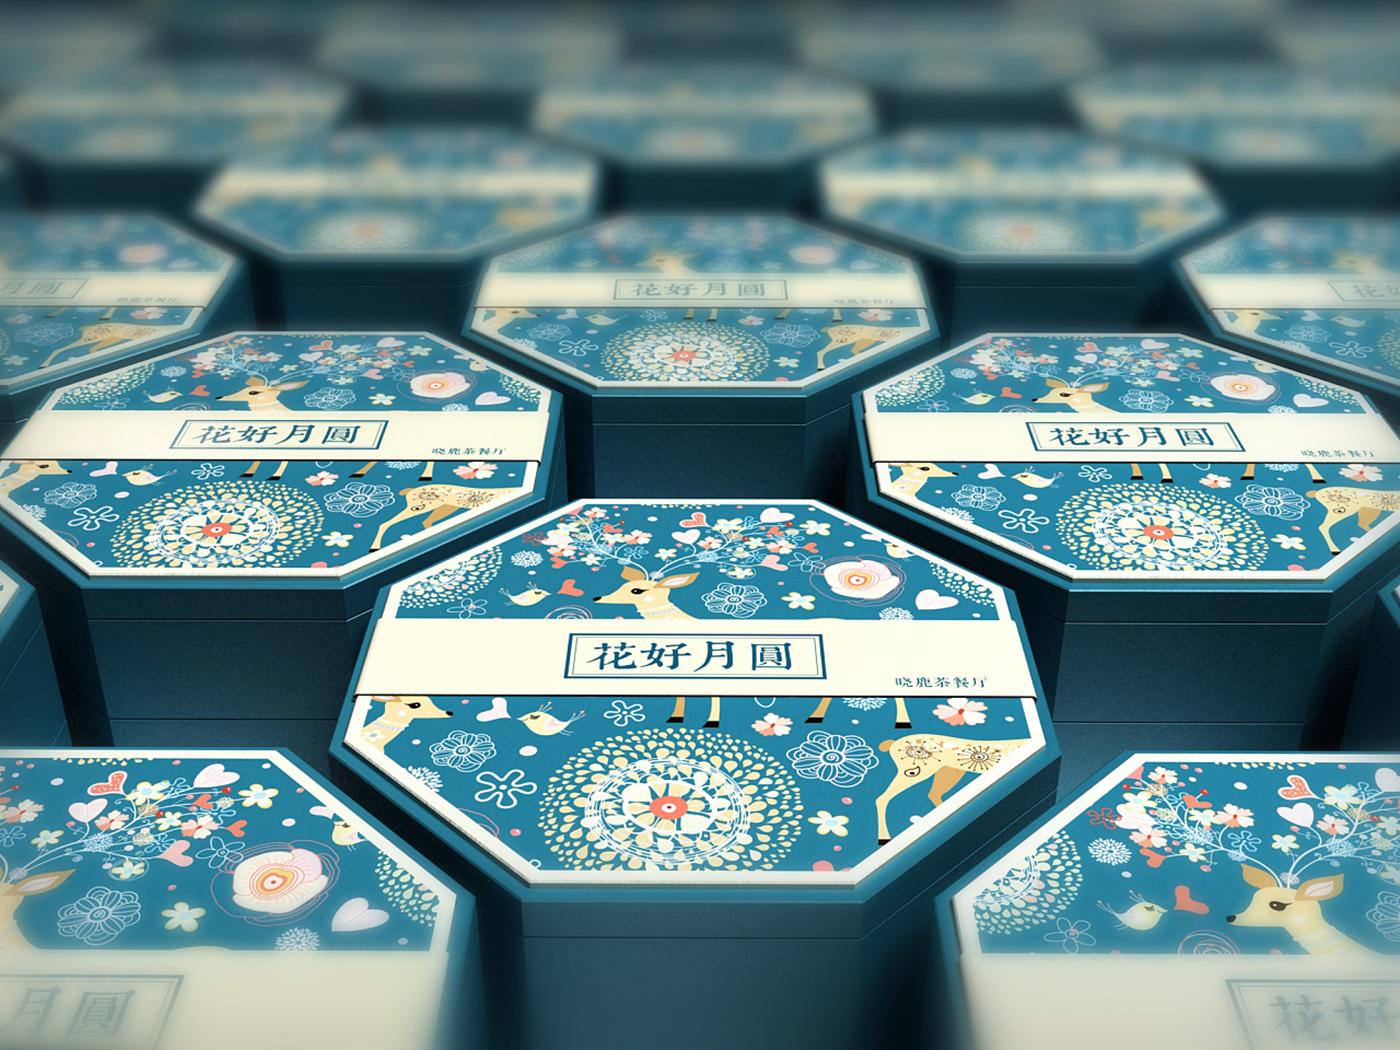 烧腊礼盒包装设计